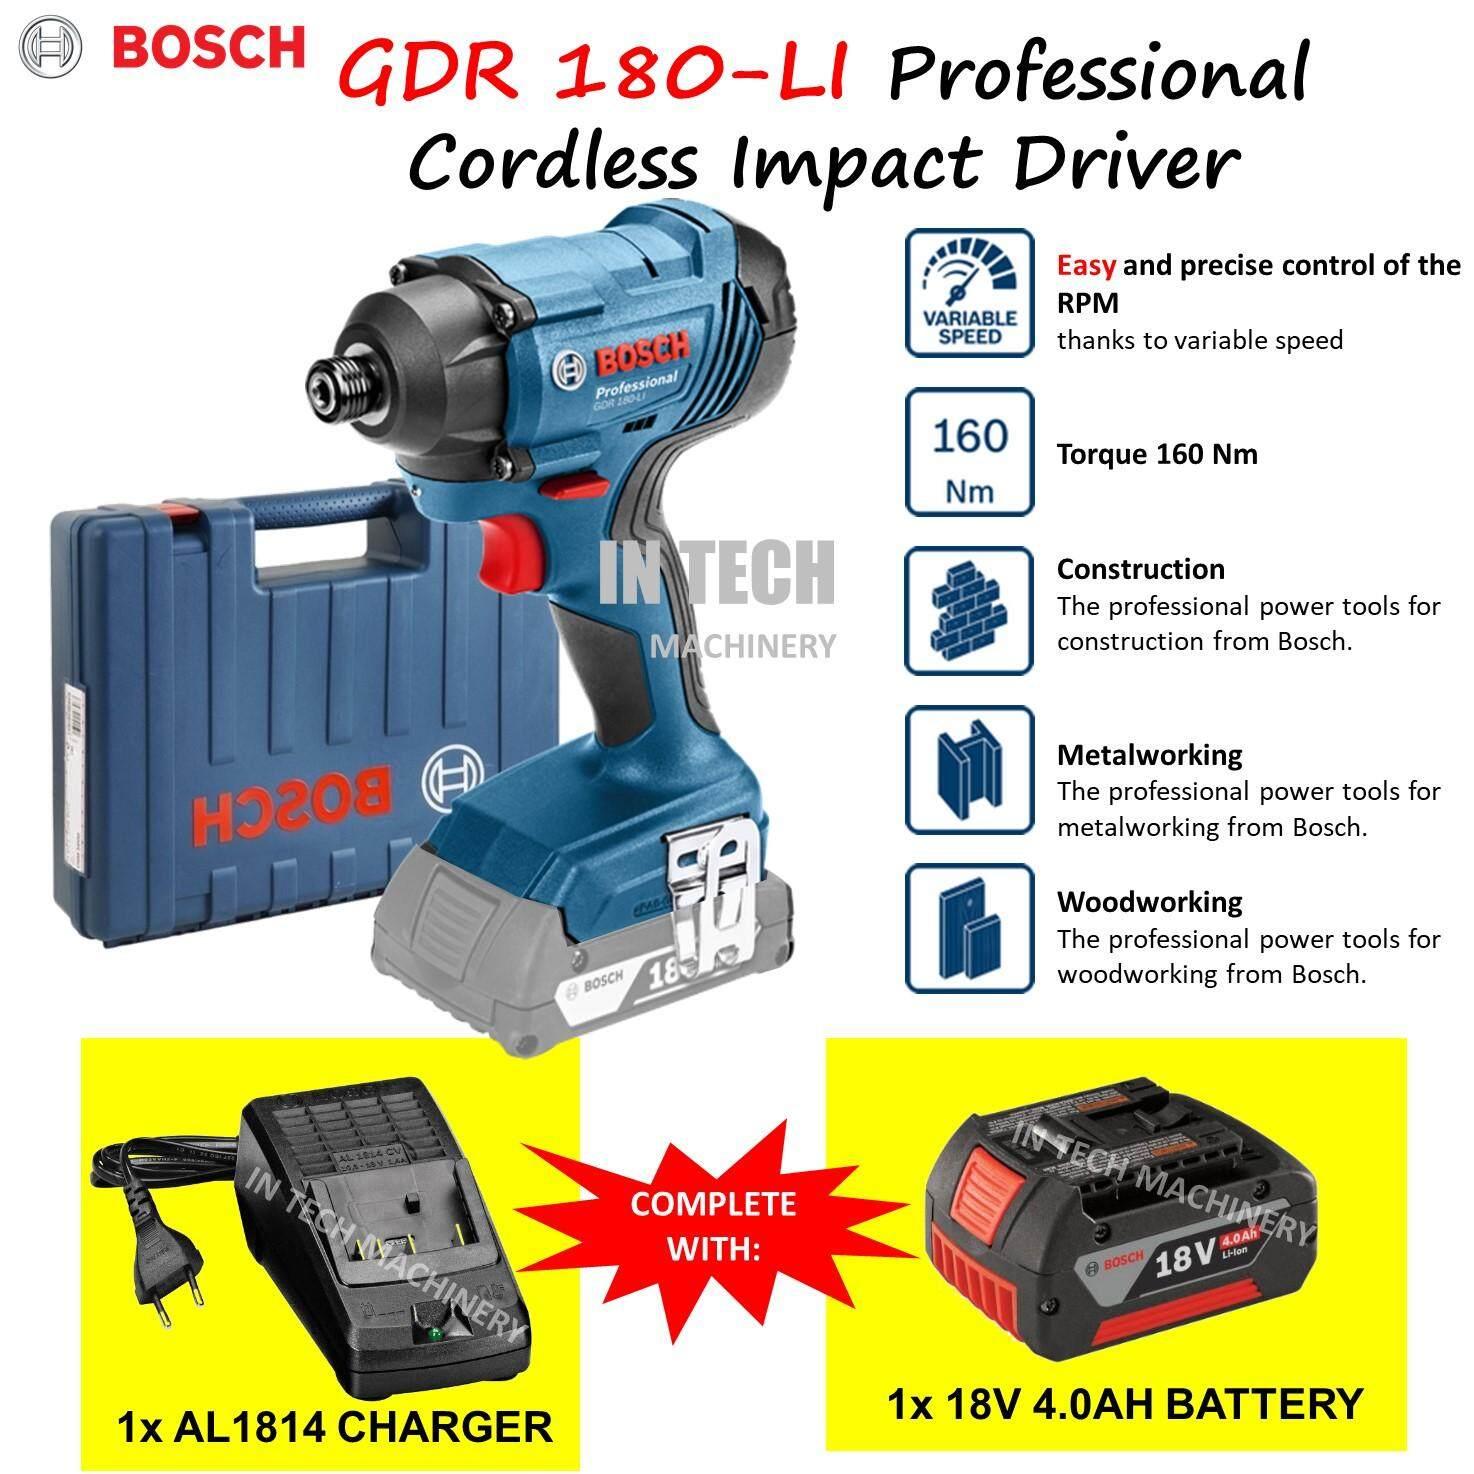 BOSCH GDR180-LI PROFESSIONAL CORDLESS IMPACT DRIVER (1NO AL1814CV CHARGER & 1NO 18V 4.0AH BATTERY)